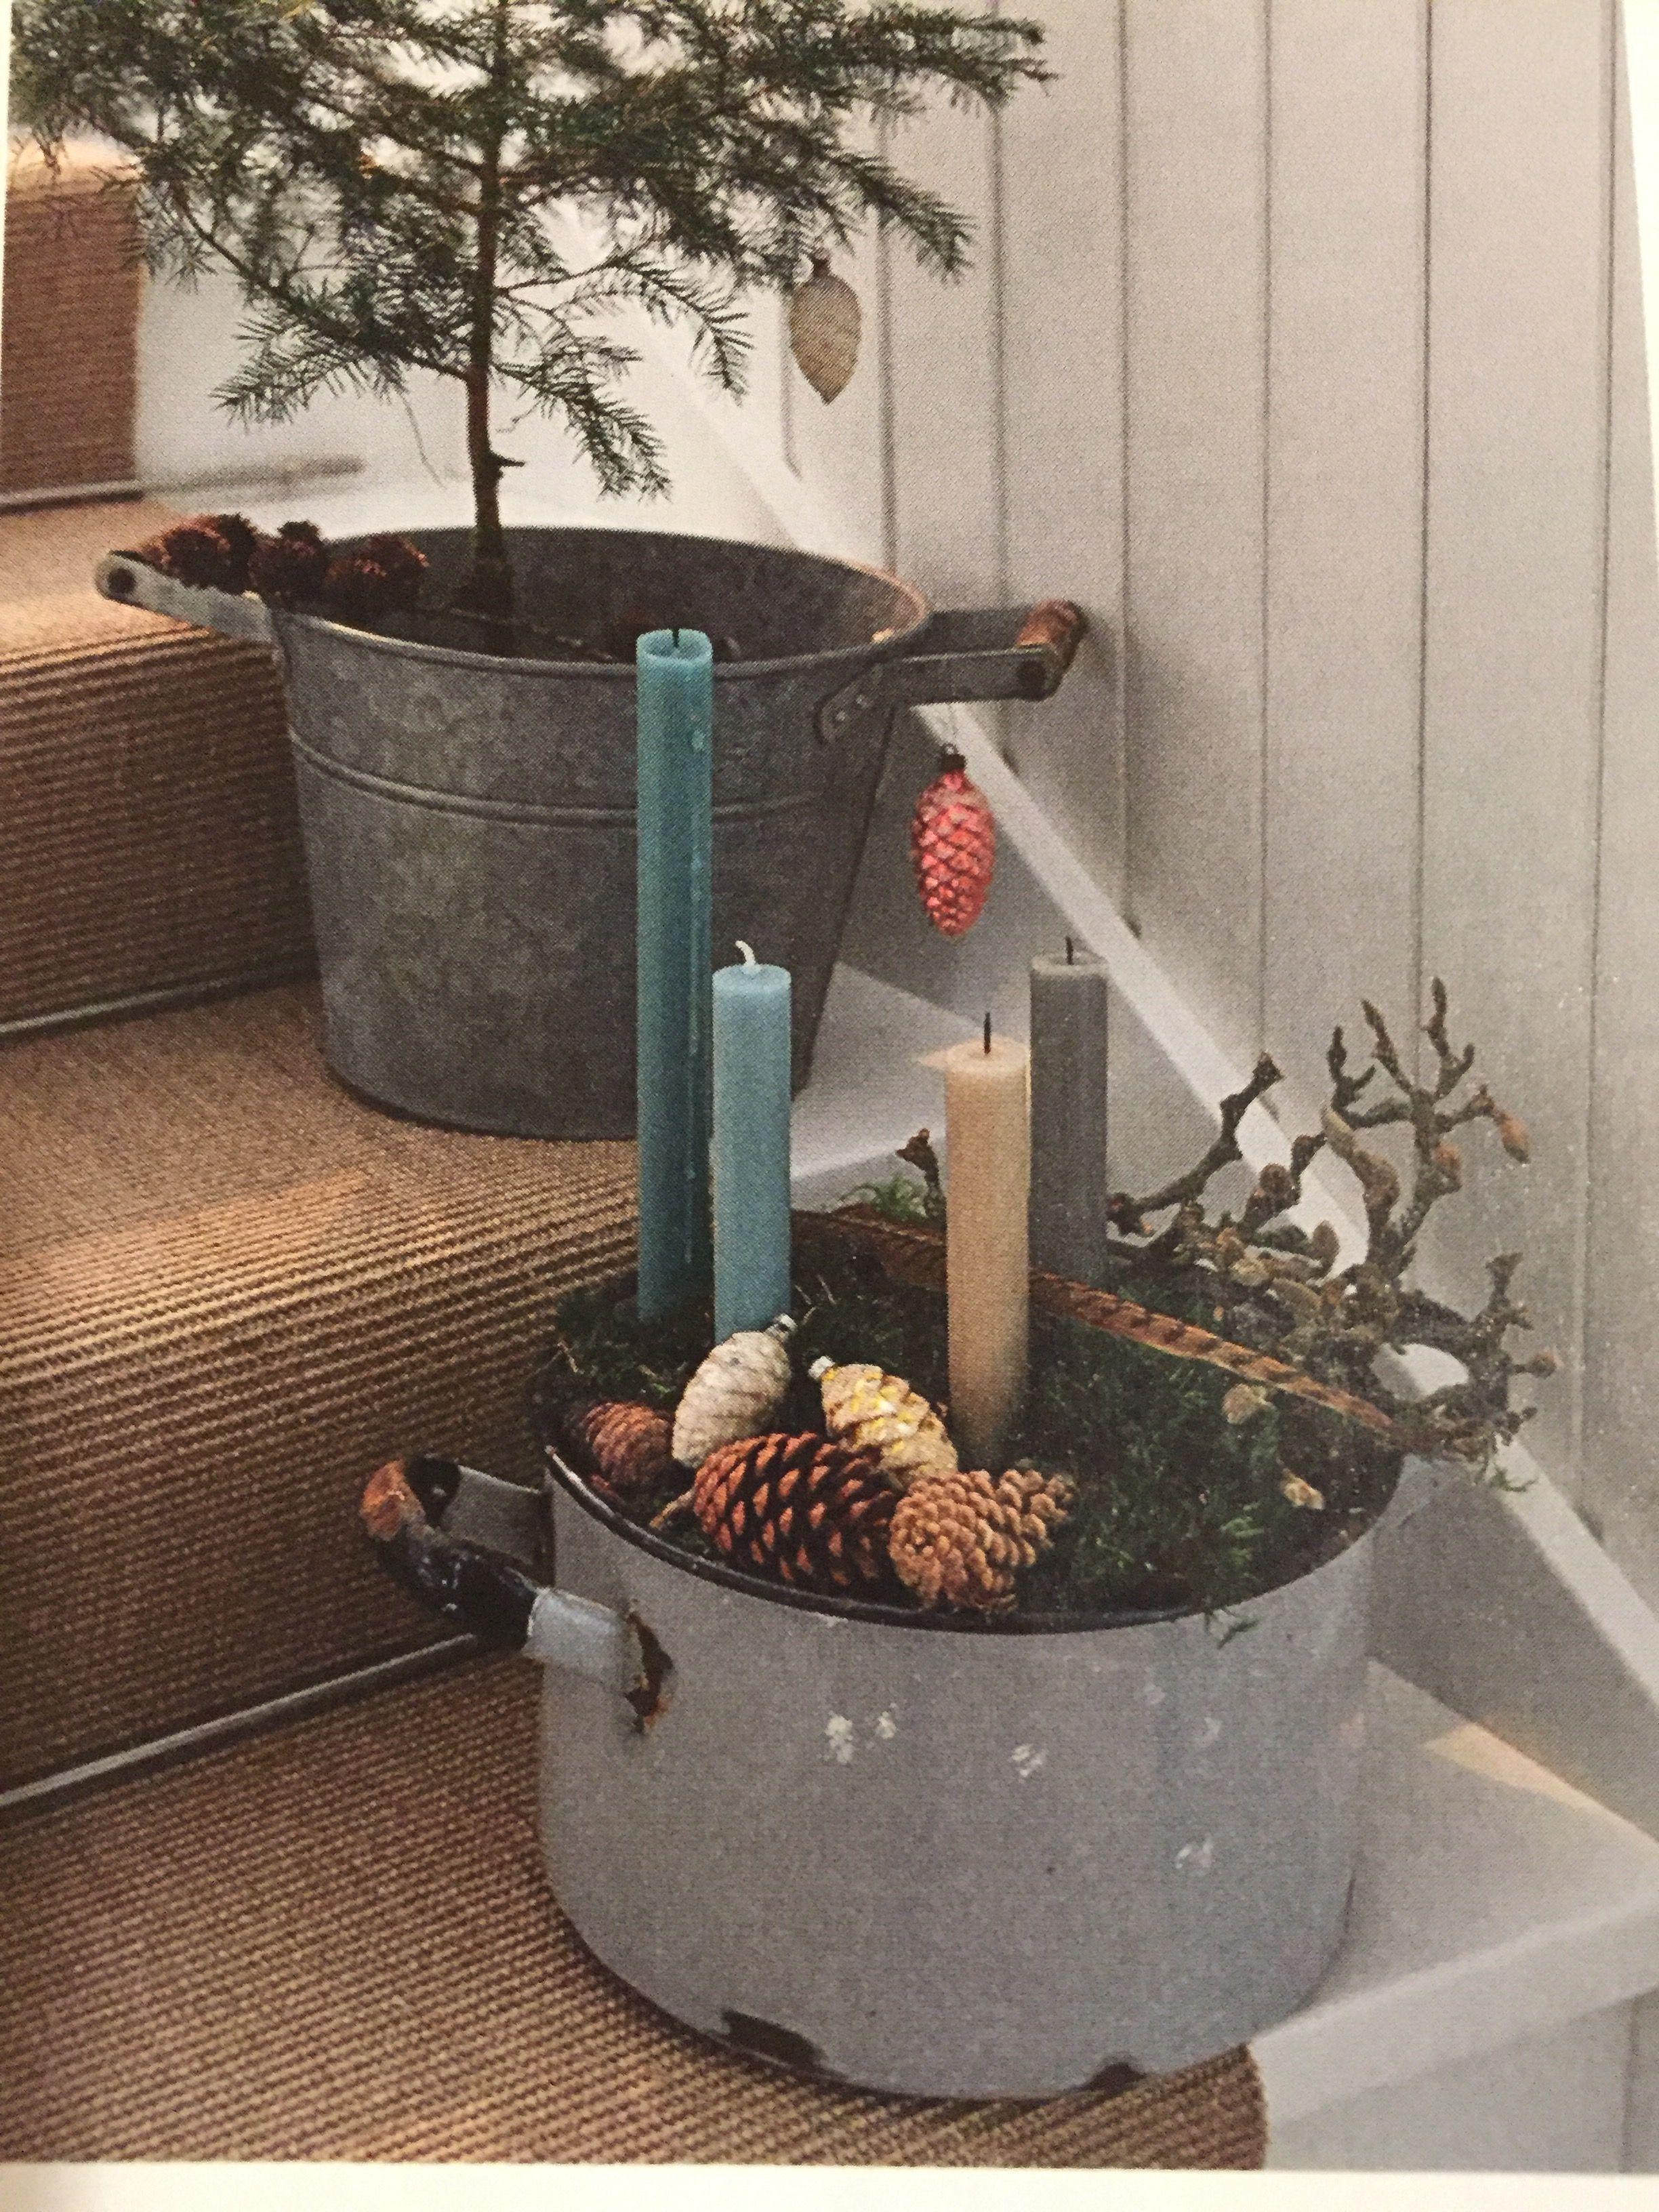 Pin Von Ich Auf Weihnachten Deko Weihnachten Weihnachten Dekoration Weihnachtsdekoration